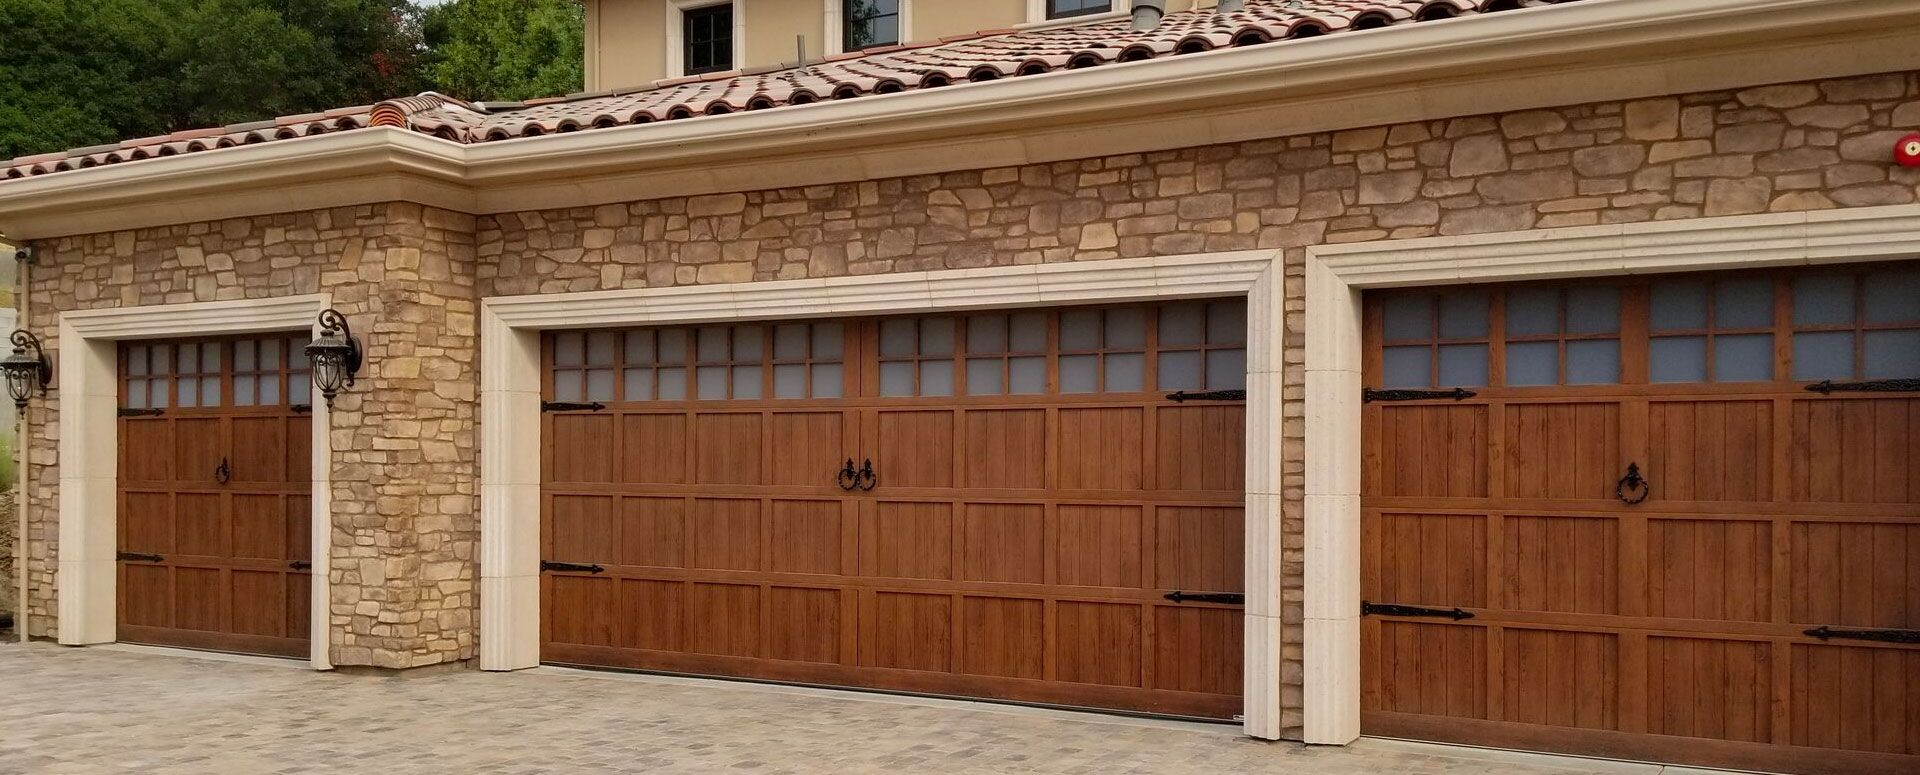 Martin Door Best Garage Doors Garage Door Cost Garage Doors